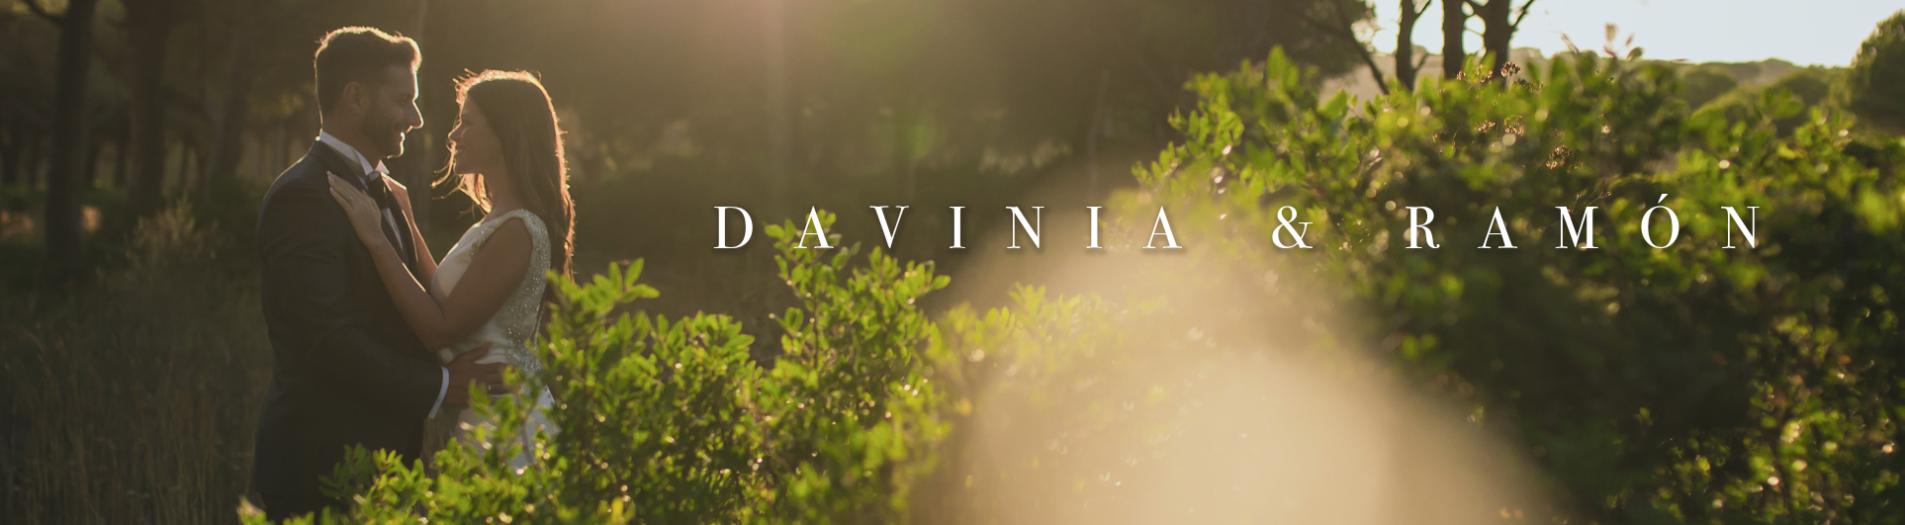 Trailer boda Davinia y Ramón en Chiclana